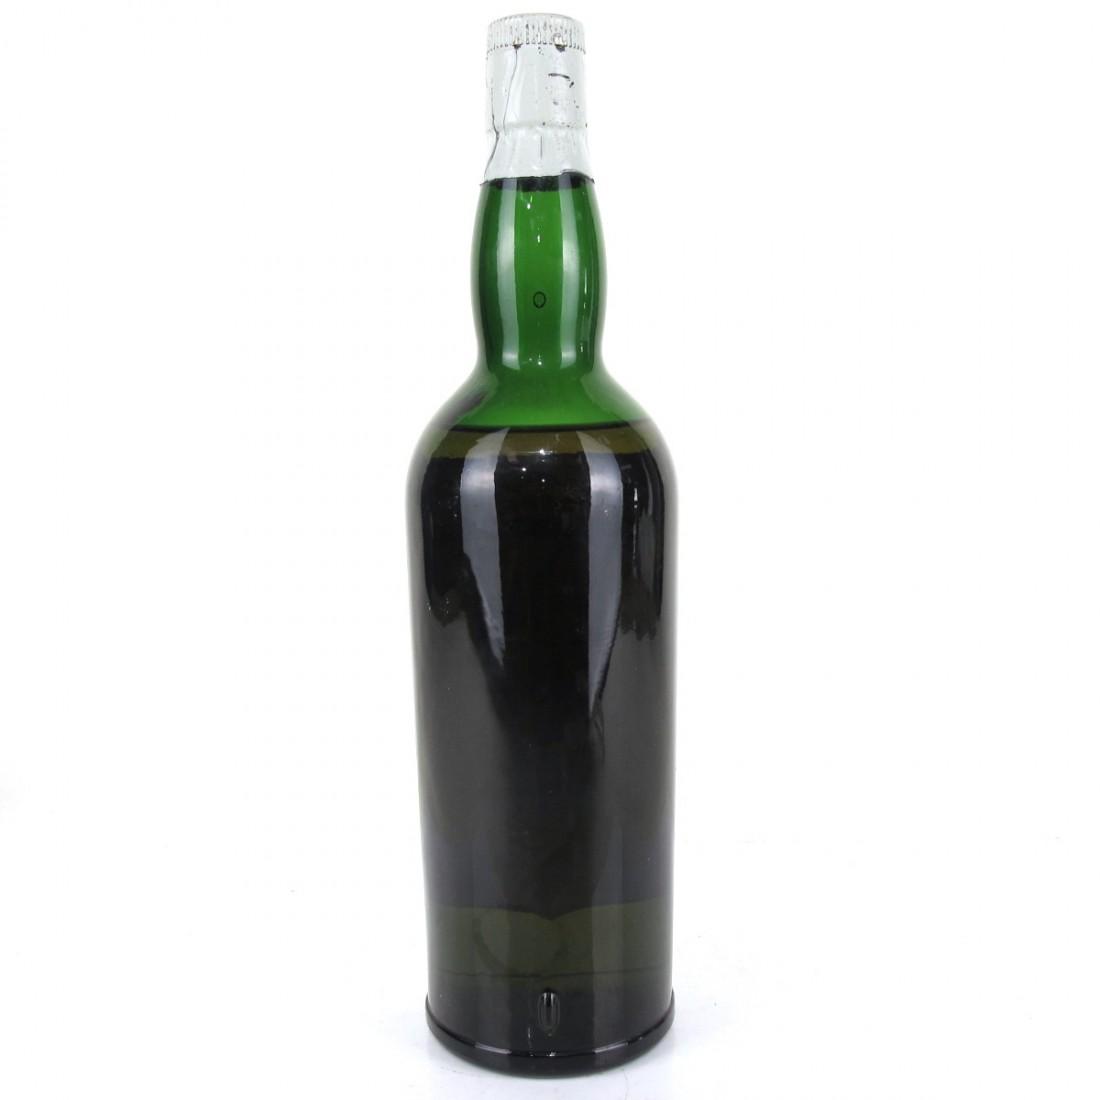 Cutty Sark Scotch Whisky 4/5 Quart 1950s / U.S. Forces